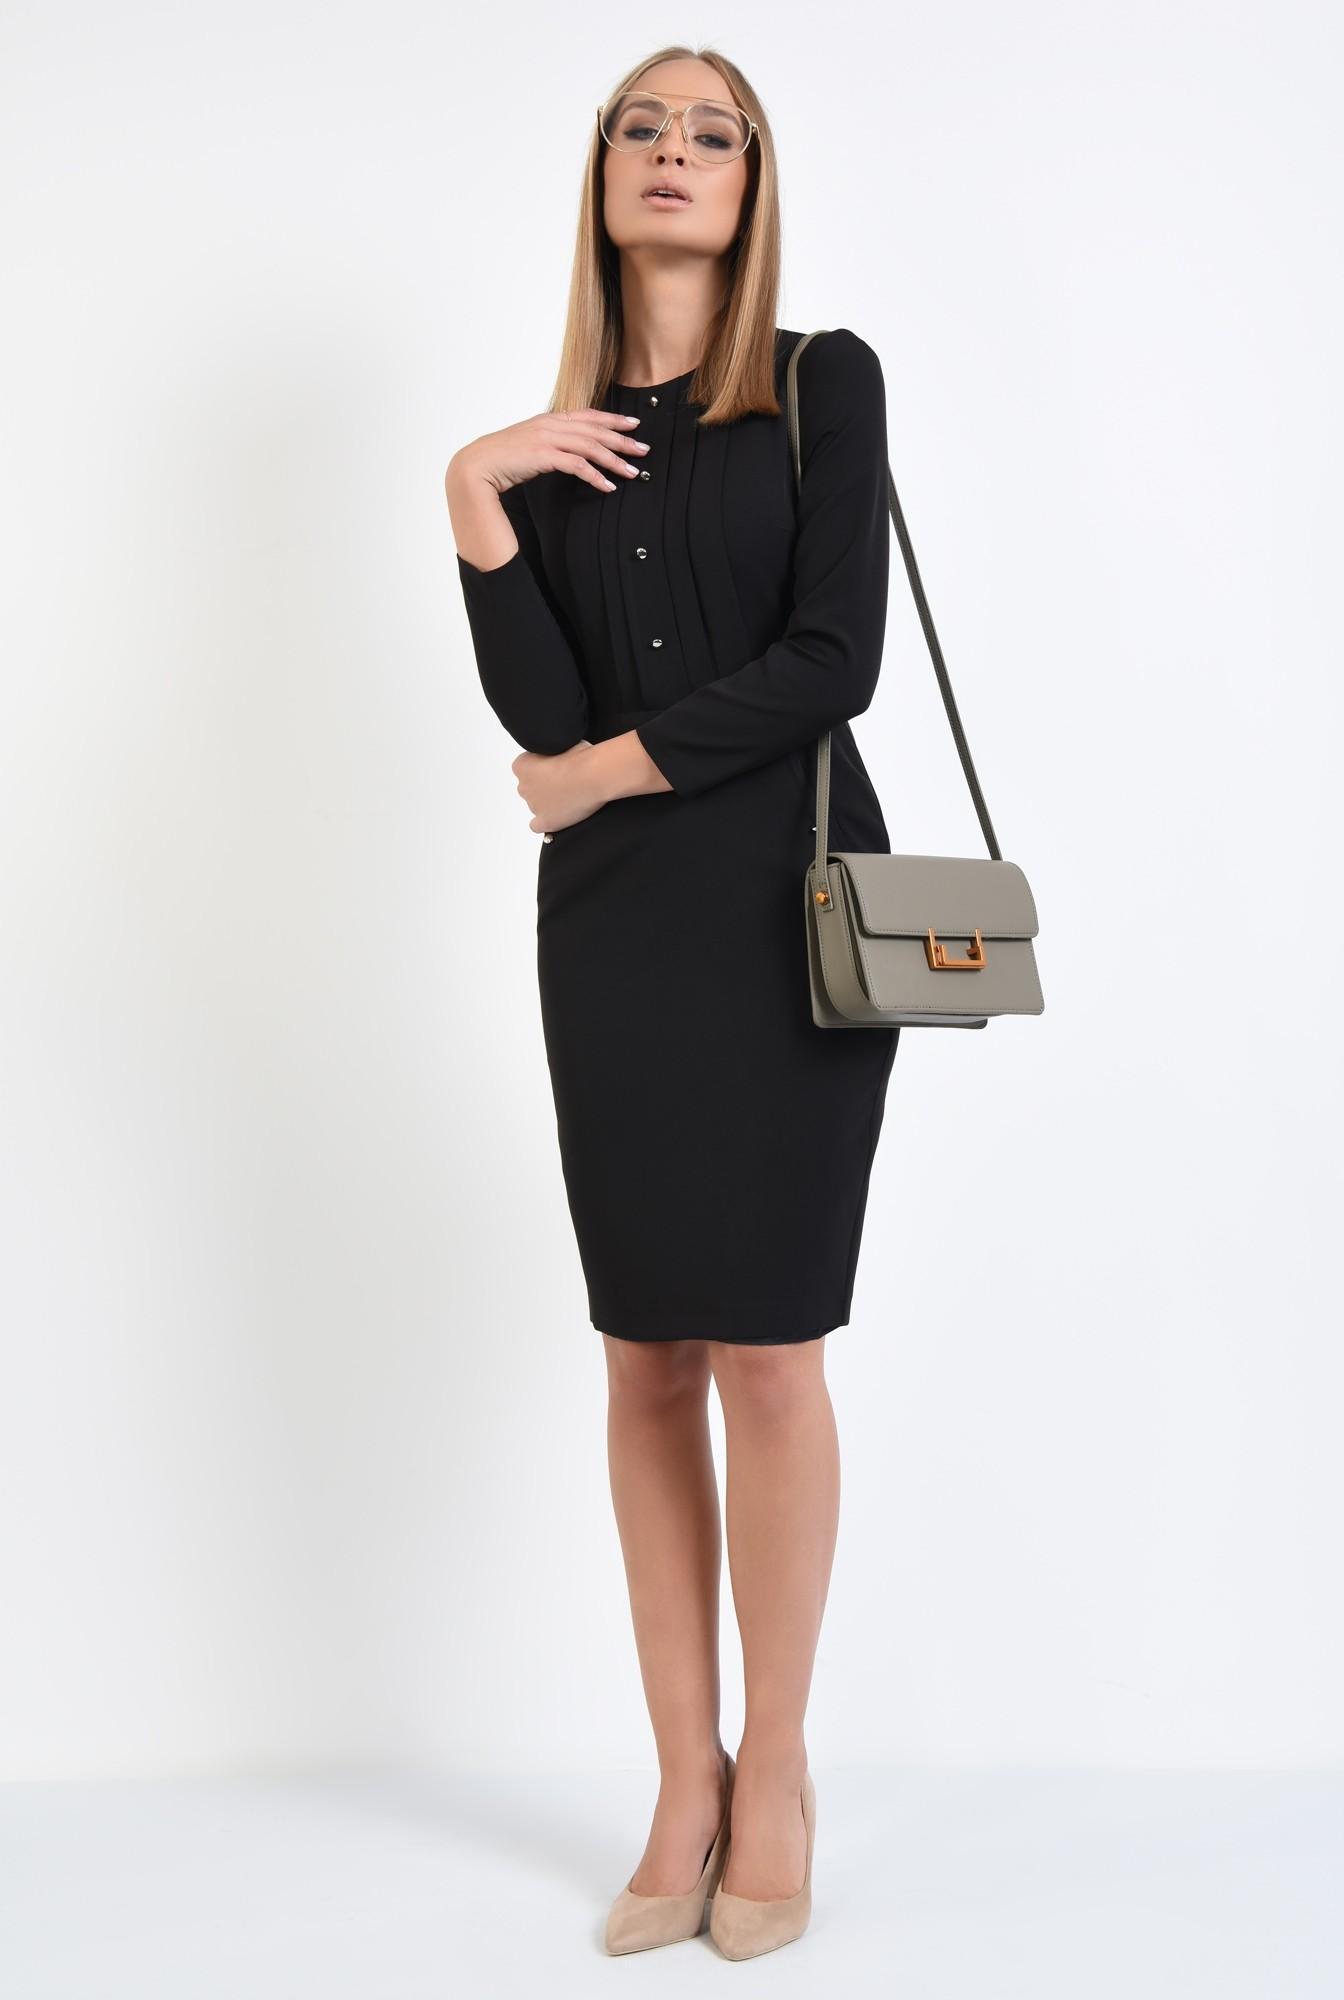 3 - rochie casual, neagra, cambrata, maneci lungi, nasturi metalici